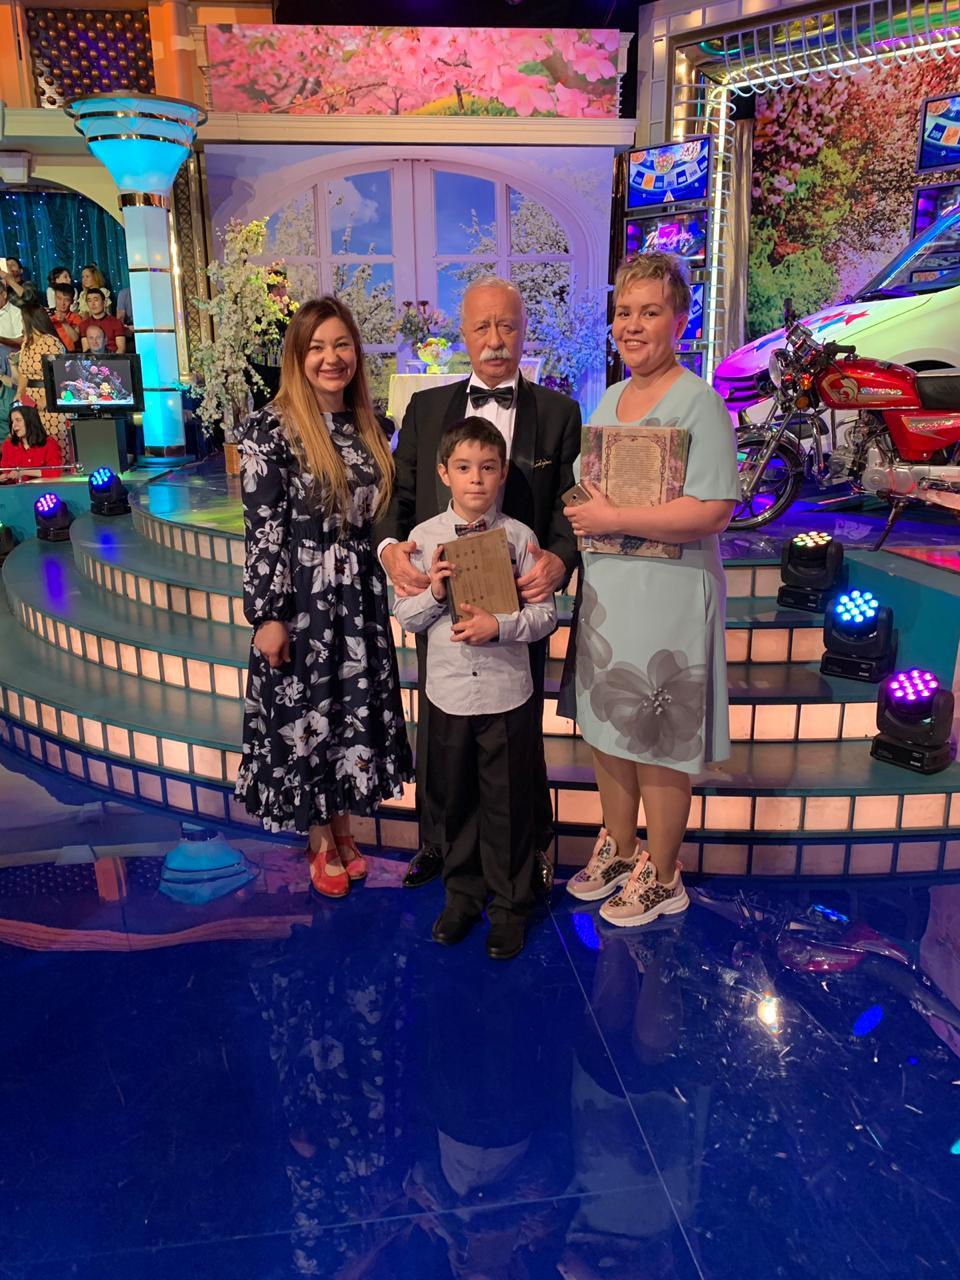 36-летняя Ольга Шарыпова (справа) участвовала в съёмках шоу вместе со своим 8-летним сыном Даниилом